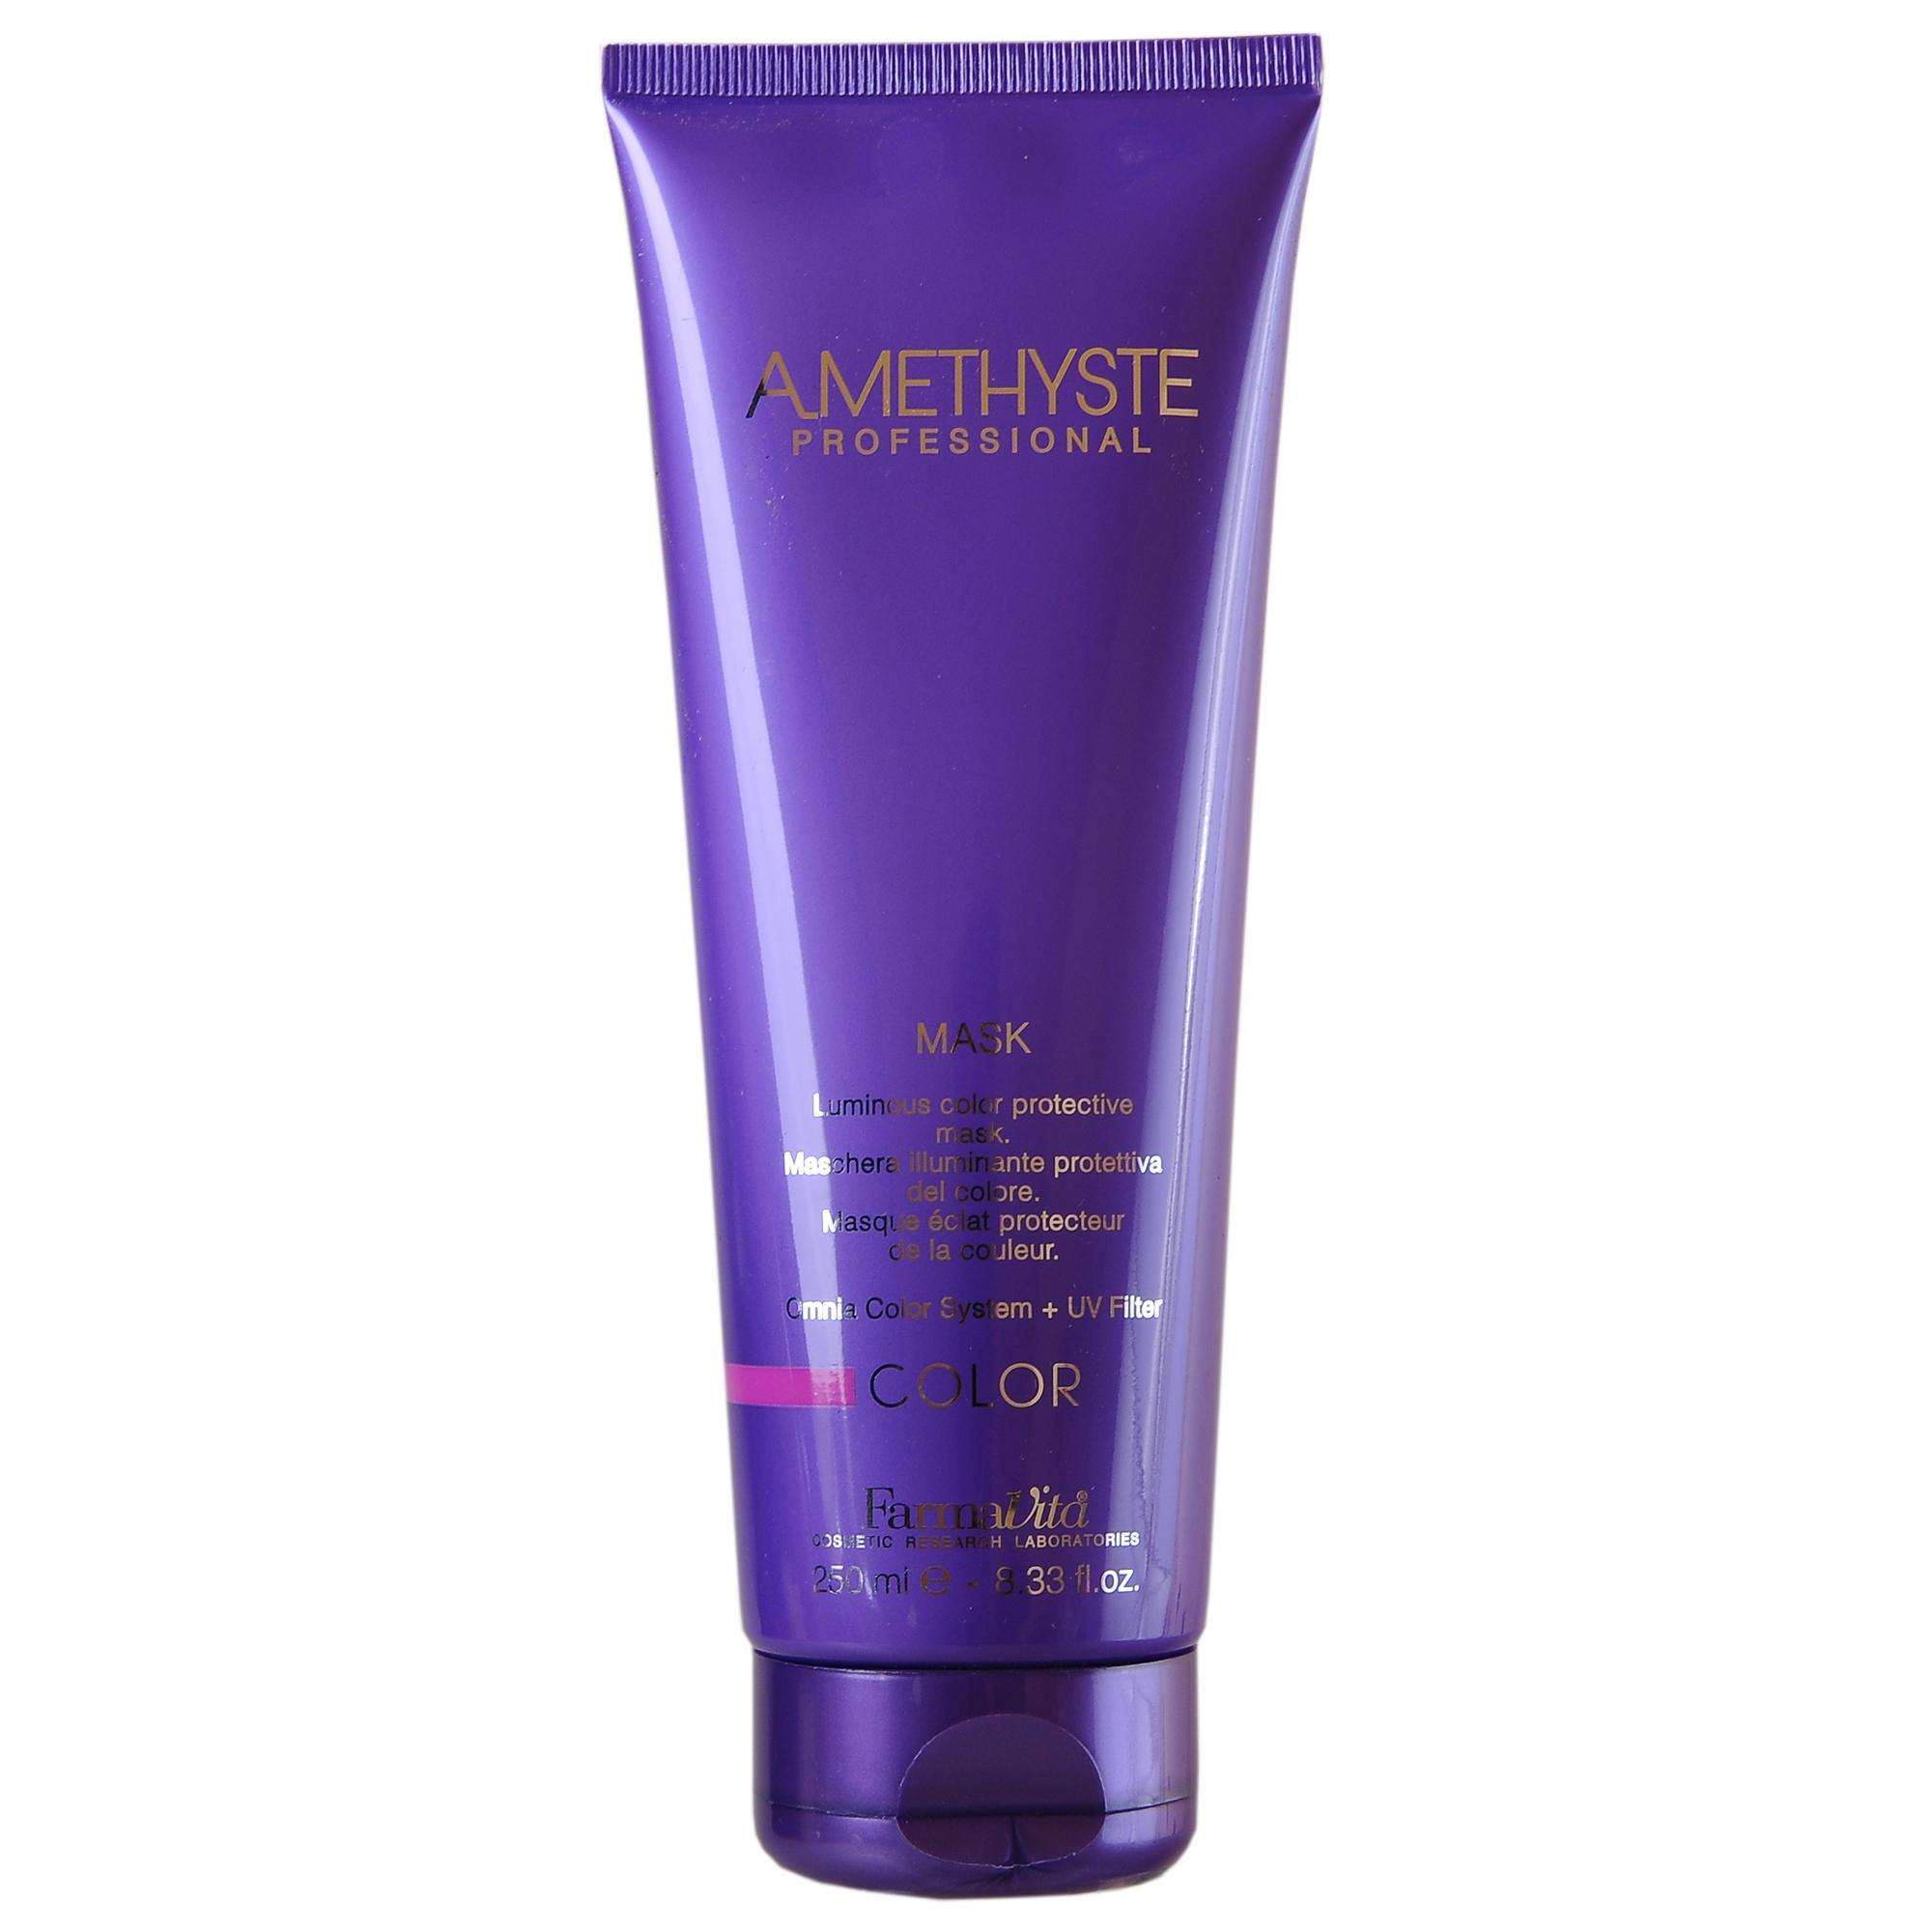 FARMAVITA Маска д/ухода за окрашенными волосами Amethyste color mask / AMETHYSTE PROFESSIONAL 250 млМаски<br>Маска Amethyste Color для ухода за окрашенными волосами позволяет защитить их и сохранить насыщенность цвета. Волосы становятся блестящими, мягкими и легко расчесываются. Инновационная система Omnia Color заметно уменьшает вымывание косметического цвета, обеспечивает значительное увеличение прочности и увлажнения волос. Особая формула придает волосам силу и энергию, благодаря присутствию в составе олигоэлементов (кремний, магний, медь, железо, цинк), которые глубоко проникают в волокна волос, способствуя восстановлению поврежденных участков. Волосы выглядят блестящими, сильными и здоровыми. Активные ингредиенты: система Omnia Color: Масло из семян пенника лугового - драгоценное масло, богато природными антиоксидантами и уникальным составом жирных кислот. Помогает сохранить интенсивность цвета и блеск волос. Исследования показали, что масло проникает в волокна волос, восстанавливая структуру и повышая его прочность. Пантенол - глубоко проникает в структуру и позволяет сбалансировать естественный уровень влаги в волосах. УФ-фильтр - защищает волосы от выгорания на солнце, вымывания красителя и потускнения цвета. Олигоминеральный комплекс - комплекс олигоэлементов (кремний, магний, медь, железо, цинк), которые глубоко проникают в волокна волос и помогают восстановить поврежденные участки. Способ применения:после применения шампуня нанести маску Amethyste Color на чистые, влажные, подсушенные полотенцем волосы, равномерно распределить по длине. Для лучшего распределения по волосам можно расчесать волосы широким гребнем. Выдержать 2-3 минуты. Смыть. Приступить к укладке. Для достижения максимального эффекта рекомендуется применять вместе с шампунем Amethyste Color и лосьоном Amethyste Color Re-Vital.<br><br>Объем: 250 мл<br>Класс косметики: Косметическая